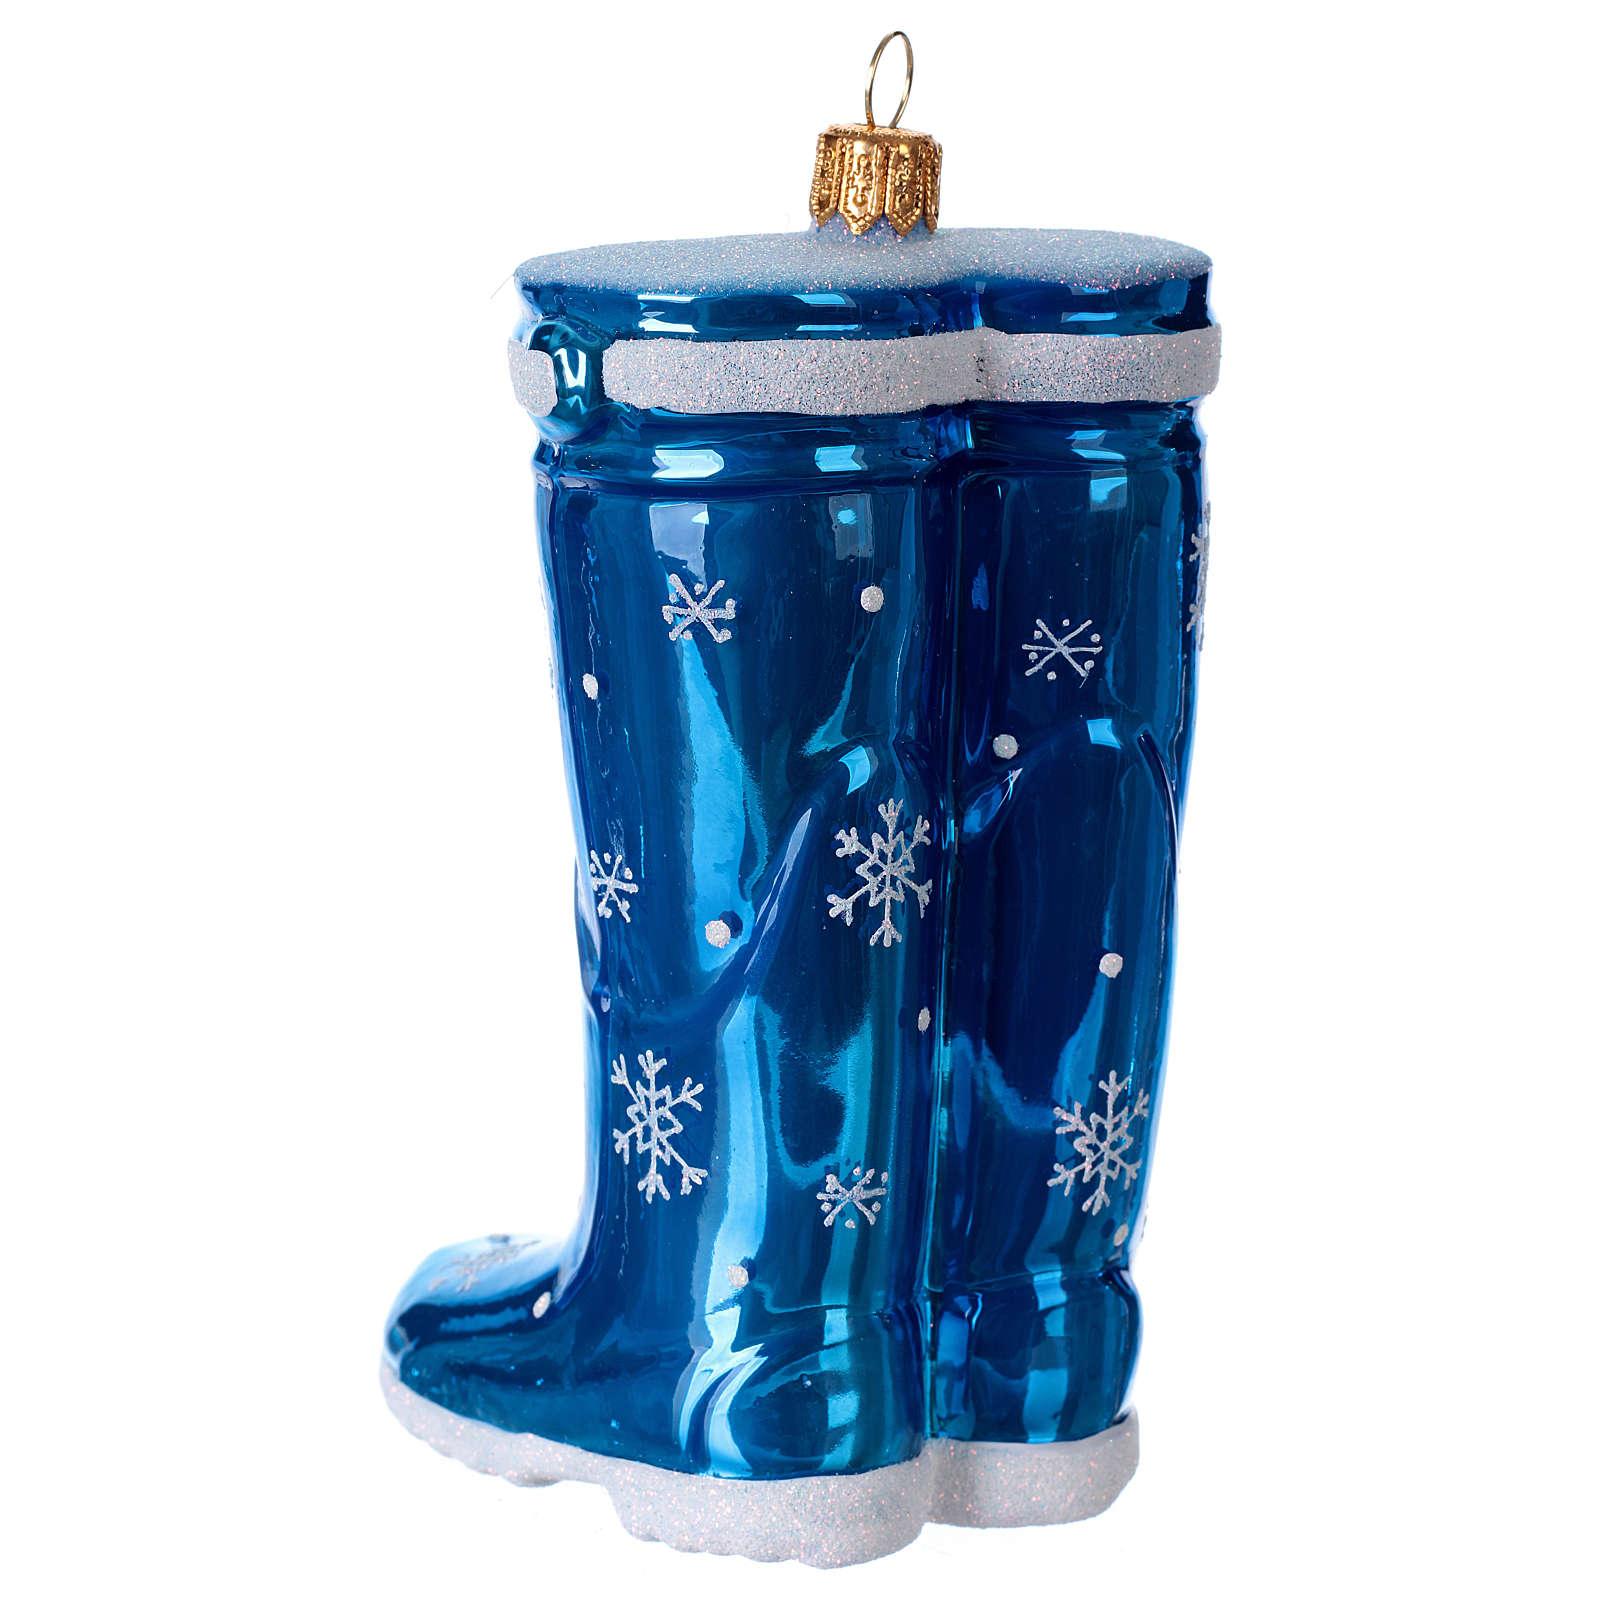 Bottes en caoutchouc bleues verre soufflé Sapin de Noël 4